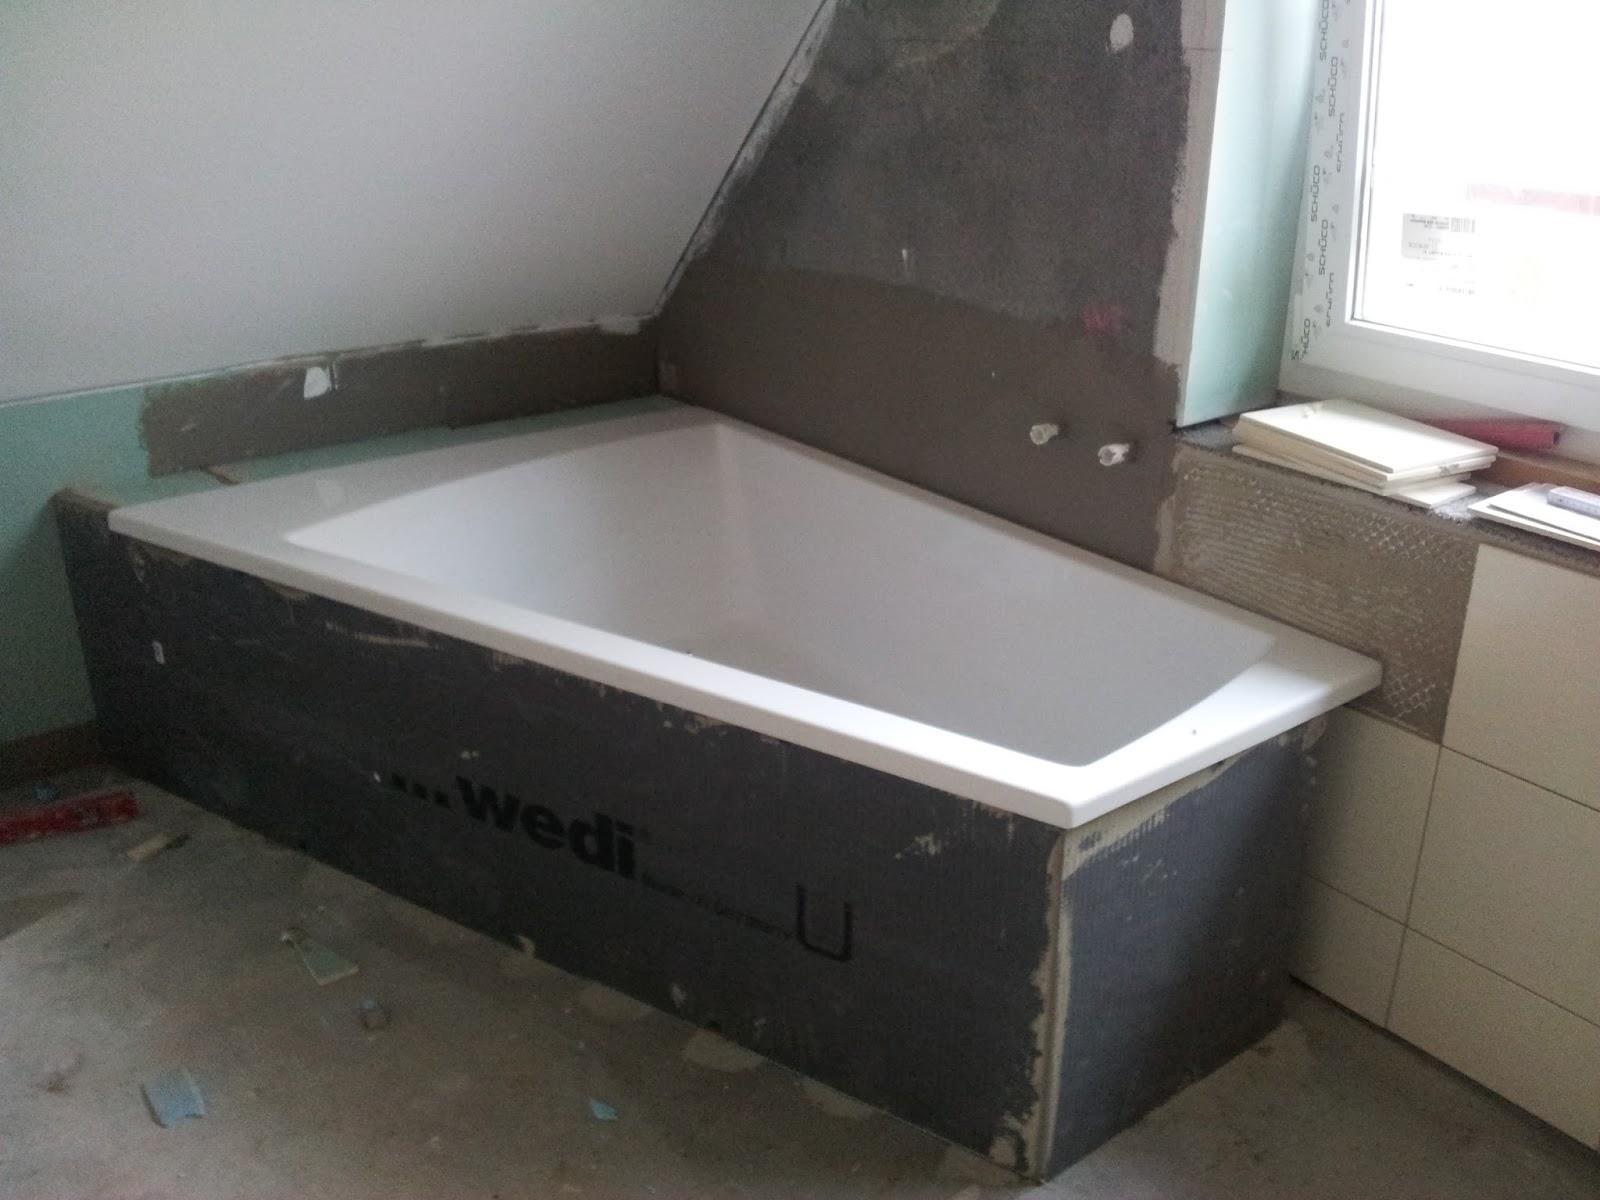 badewanne verkleiden badewanne ablage mauern unterputz splkasten verkleiden anleitung amp tipps. Black Bedroom Furniture Sets. Home Design Ideas